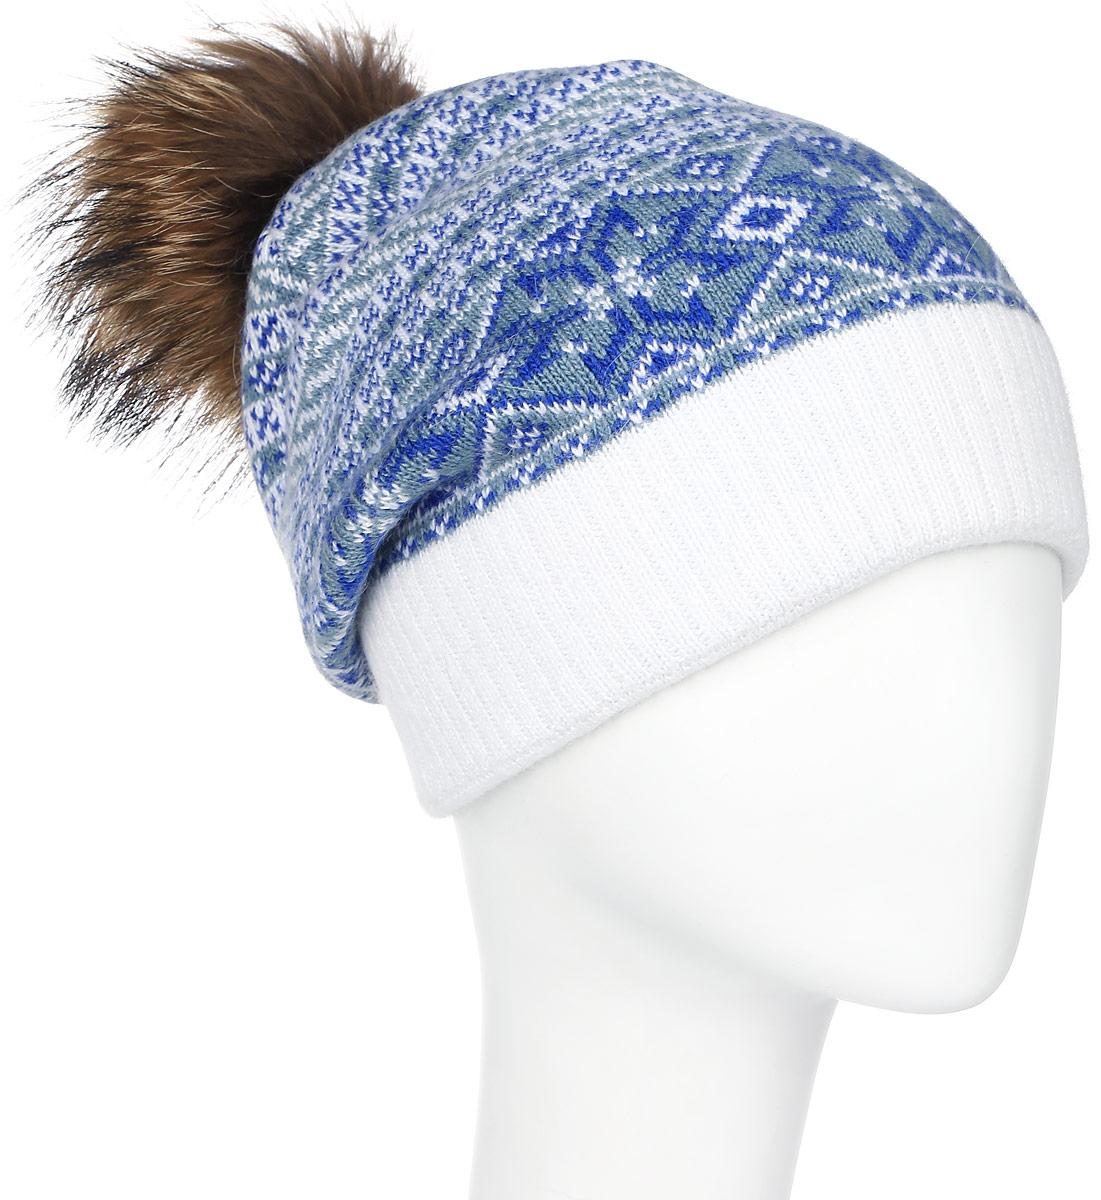 Шапка женская Marhatter, цвет: белый, синий. MWH5008. Размер 56/58MWH5008Теплая женская шапка Marhatter отлично дополнит ваш образ в холодную погоду. Сочетание высококачественных материалов максимально сохраняет тепло и обеспечивает удобную посадку, невероятную легкость и мягкость.Шапка оформлена принтом с узорами и по низу дополнена вязанной резинкой. Спереди модель дополнена нашивкой с надписью логотипа бренда и с металлической пластиной на которой изображена снежинка. Макушка шапки дополнена пушистым помпоном из натурального меха енота. Модель составит идеальный комплект с модной верхней одеждой, в ней вам будет уютно и тепло.Уважаемые клиенты!Размер, доступный для заказа, является обхватом головы.